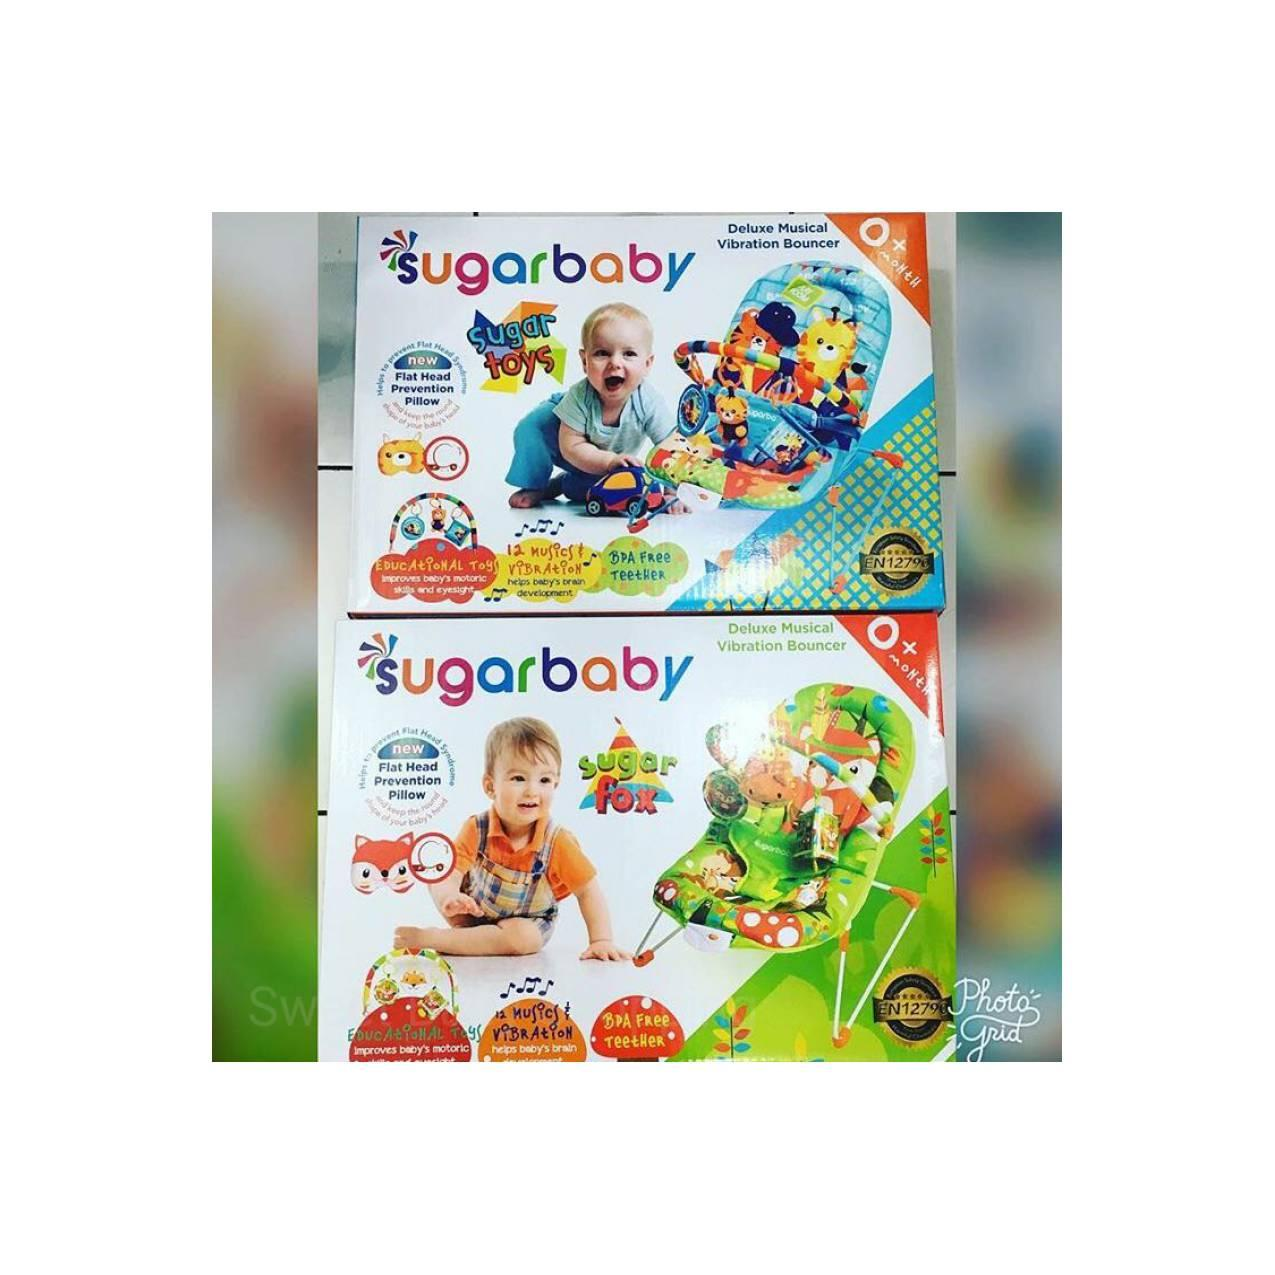 ... Love Bear Biru Source · Klikbabylove Sugar Baby Source Bouncer Sugar Baby Infant Seat Tempat Duduk Makan Bayi Murah